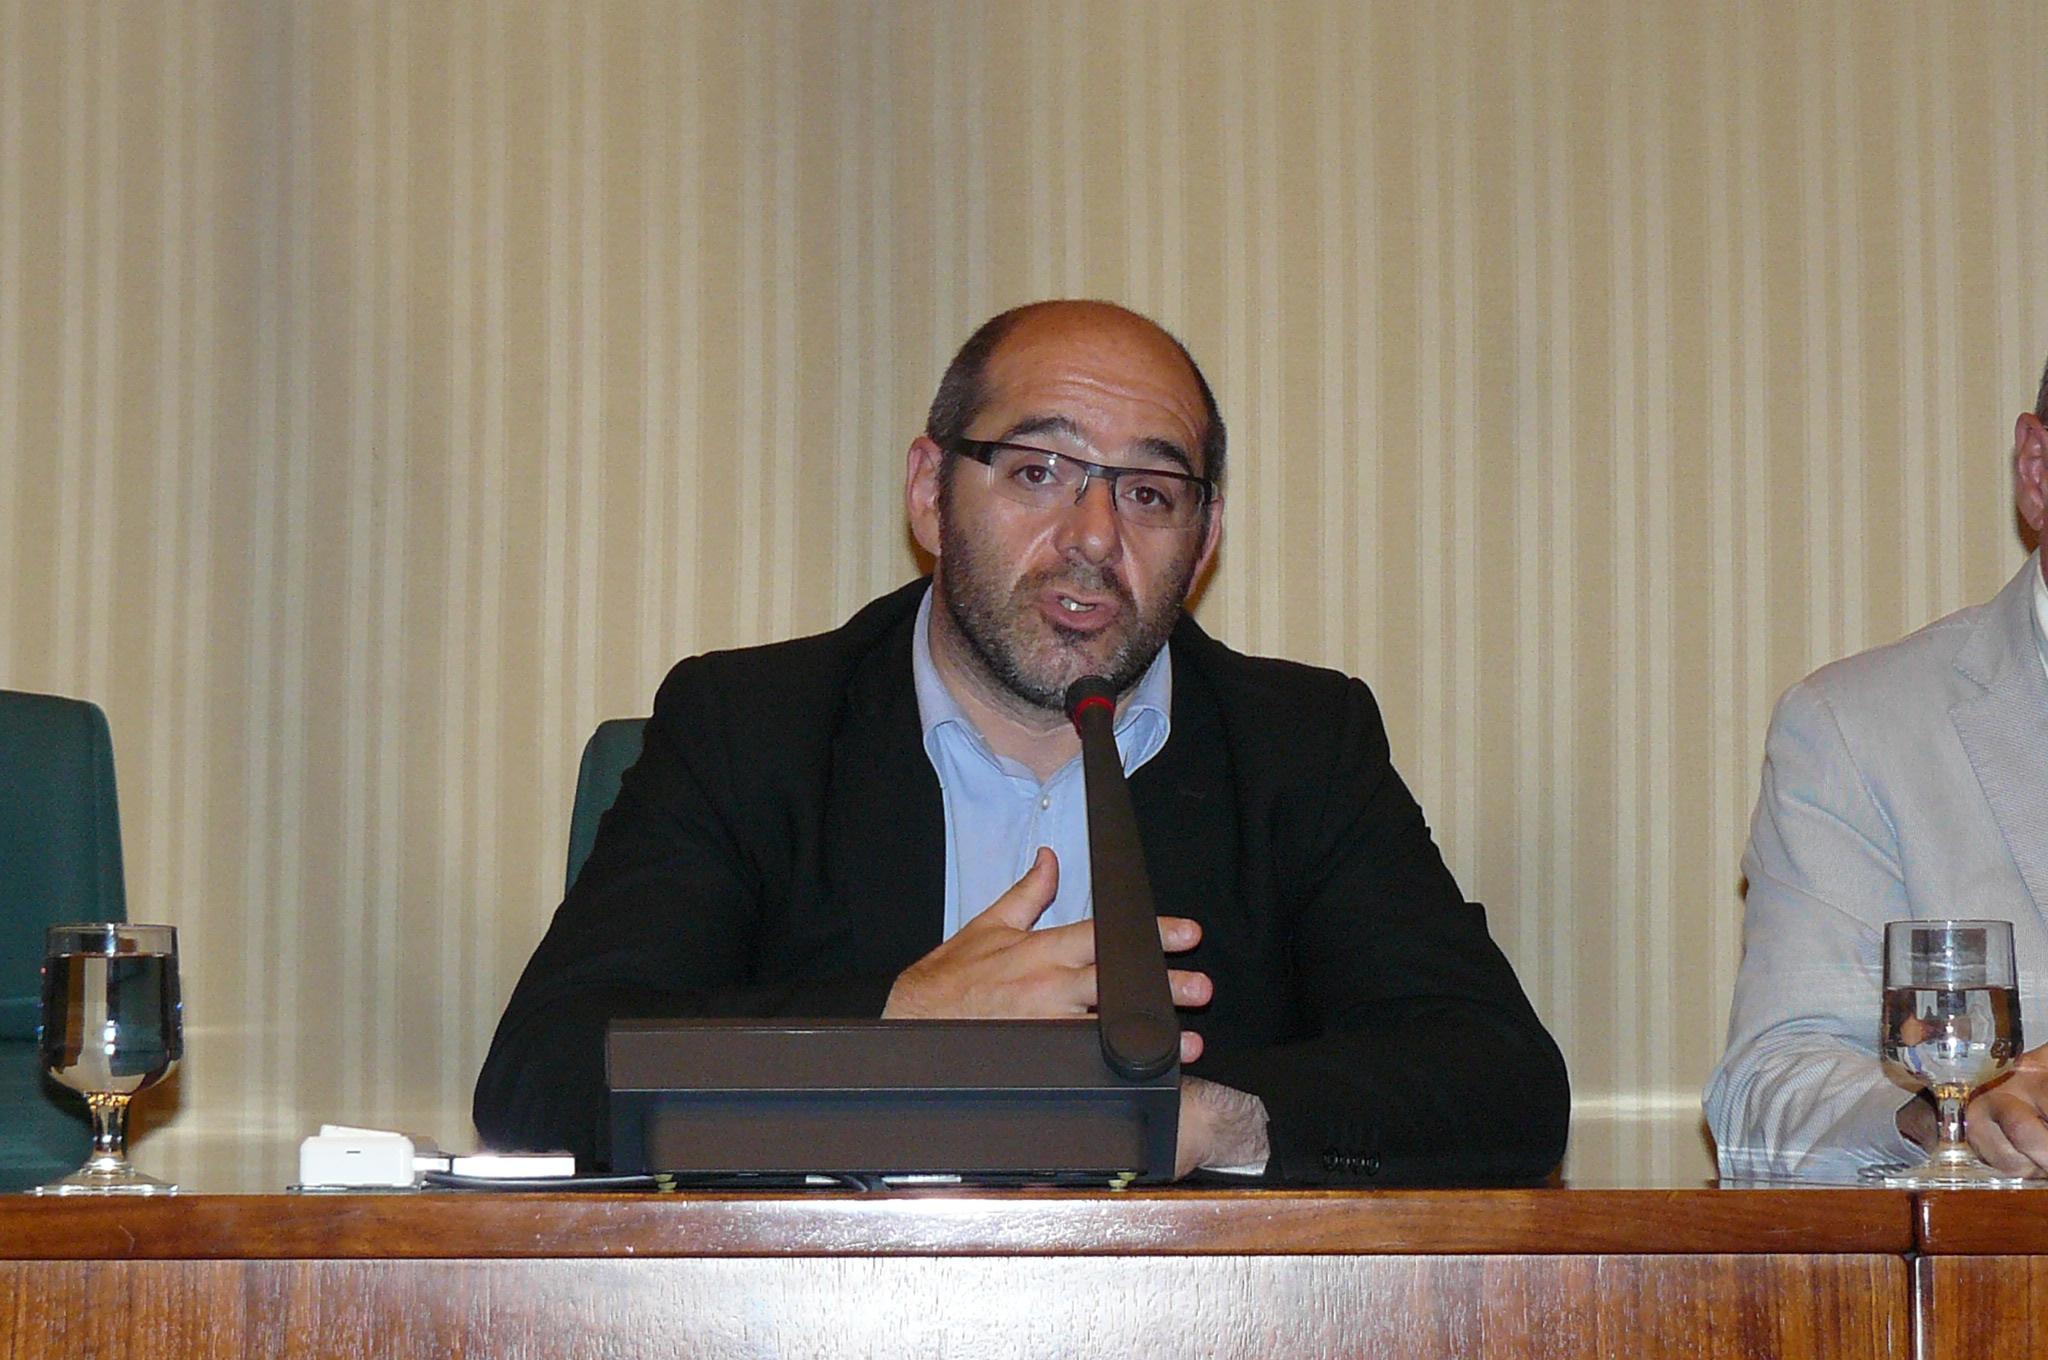 [GOVERN] Ratificació DECRET 18/2016 pel qual es proposa al senyor Joaquim Torra i Pla com a Director de l'Oficina Antifrau de Catalunya Llu%C3%ADs_Guin%C3%B3_presideix_la_comissi%C3%B3_d%27estudi_del_fracking_-_9213213995